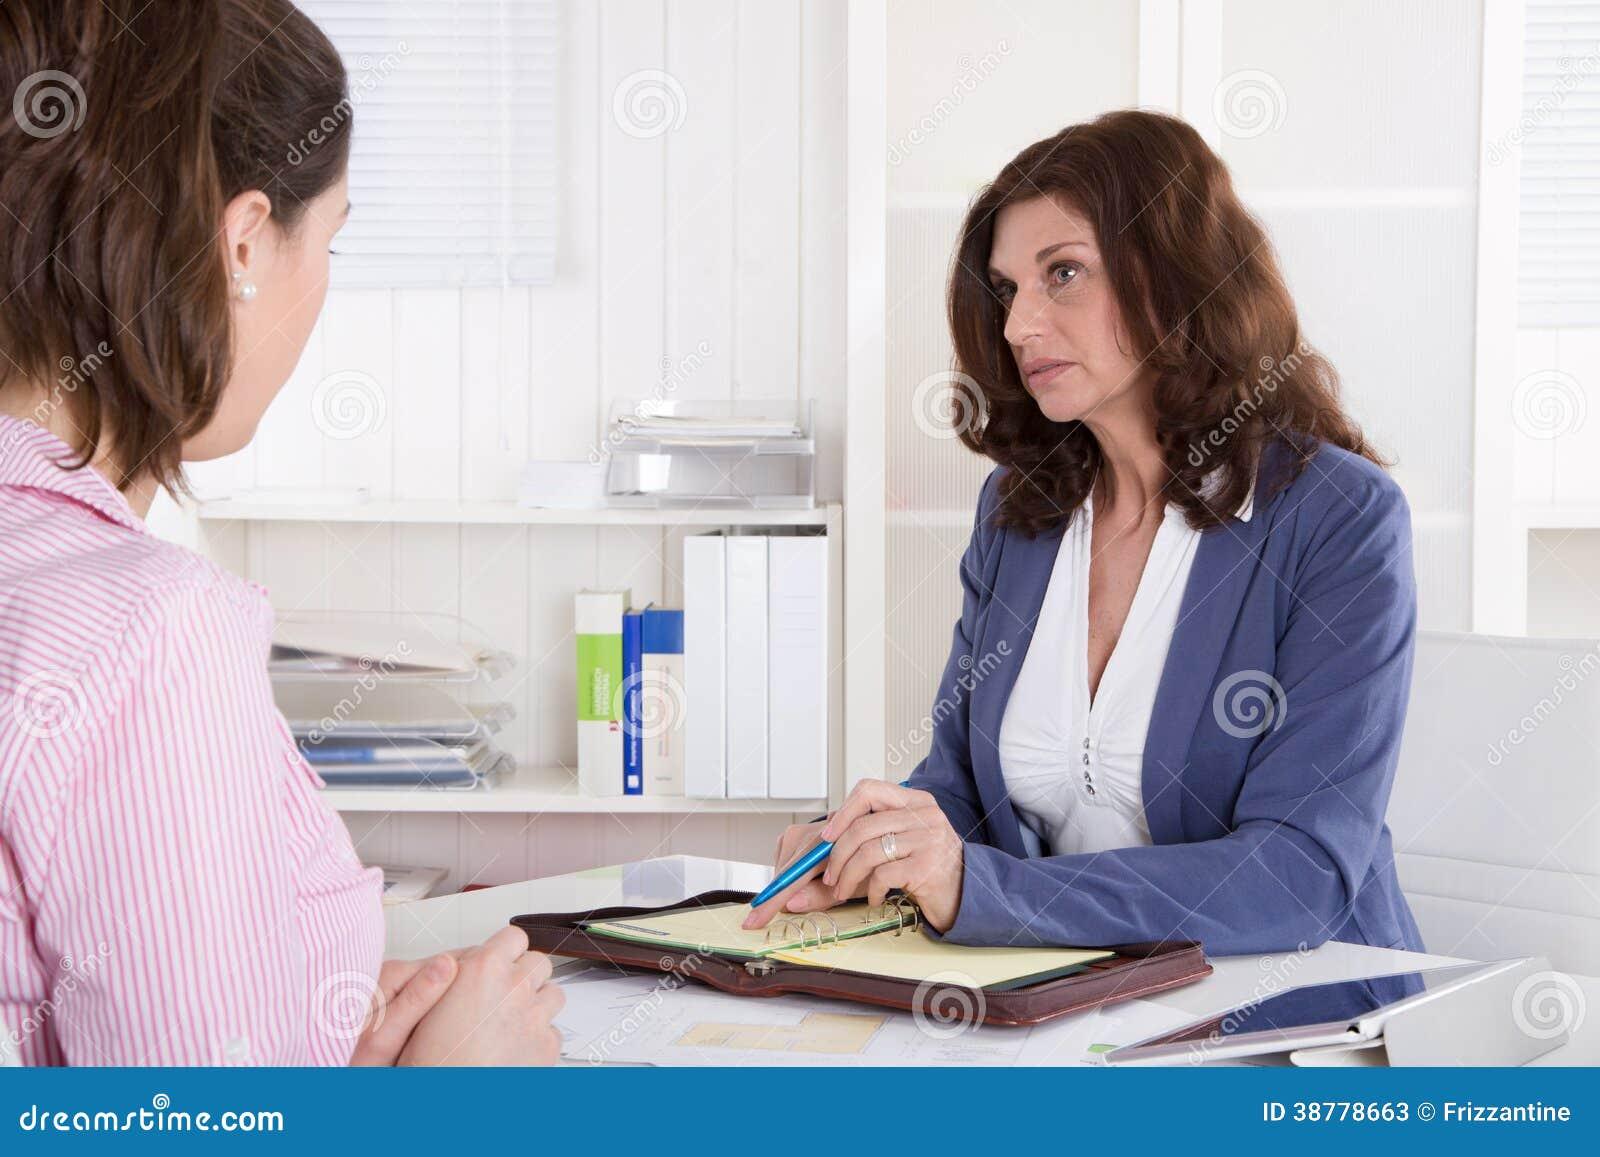 Рекрутство: бизнес-леди 2 сидя в офисе.